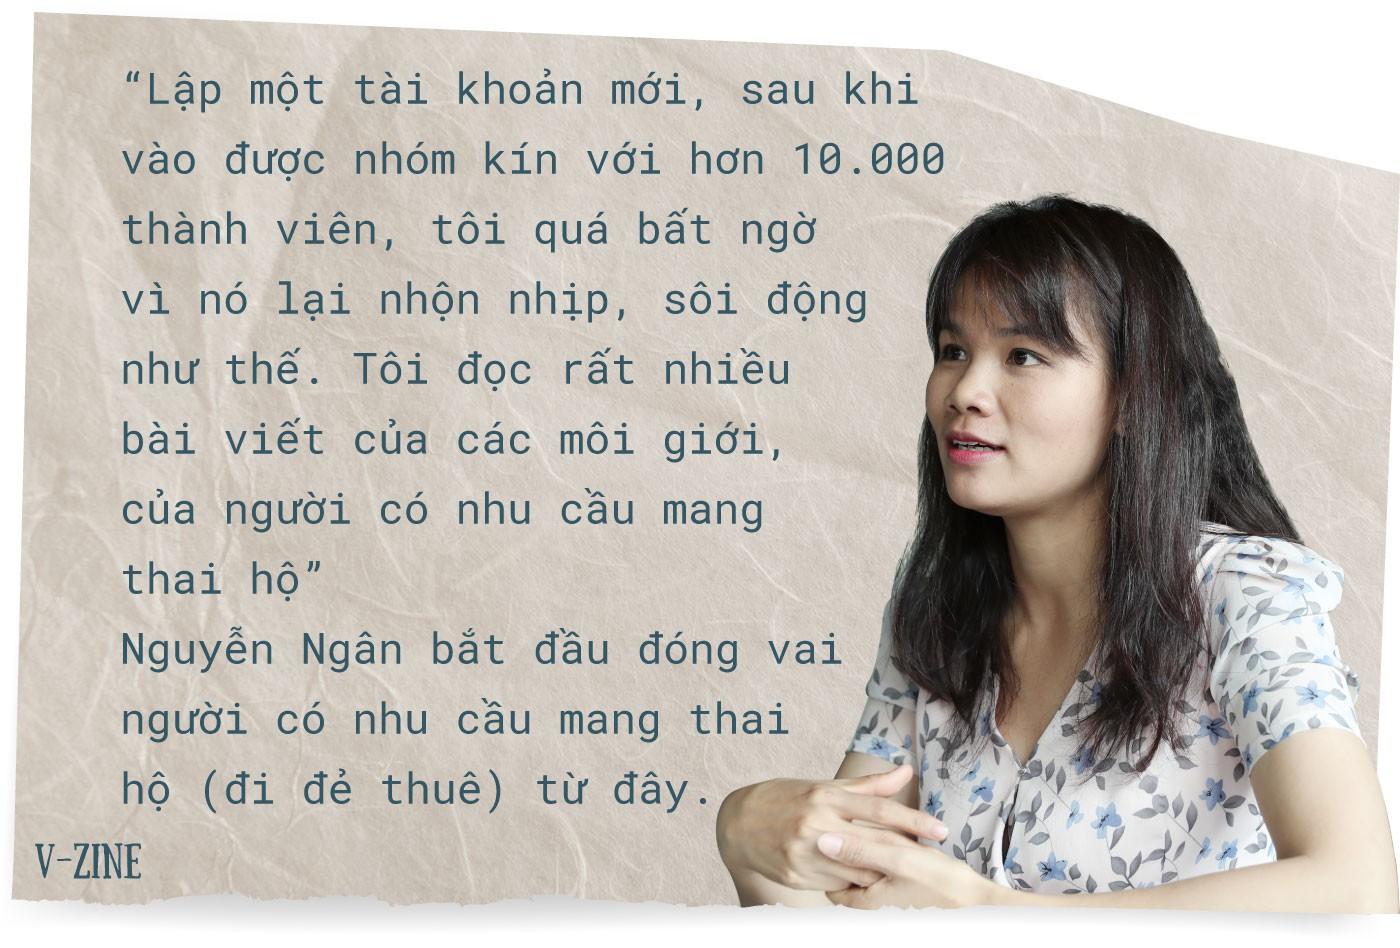 Phóng viên Nguyễn Ngân và 3 tháng nhập vai phụ nữ mang thai hộ - Ảnh 4.